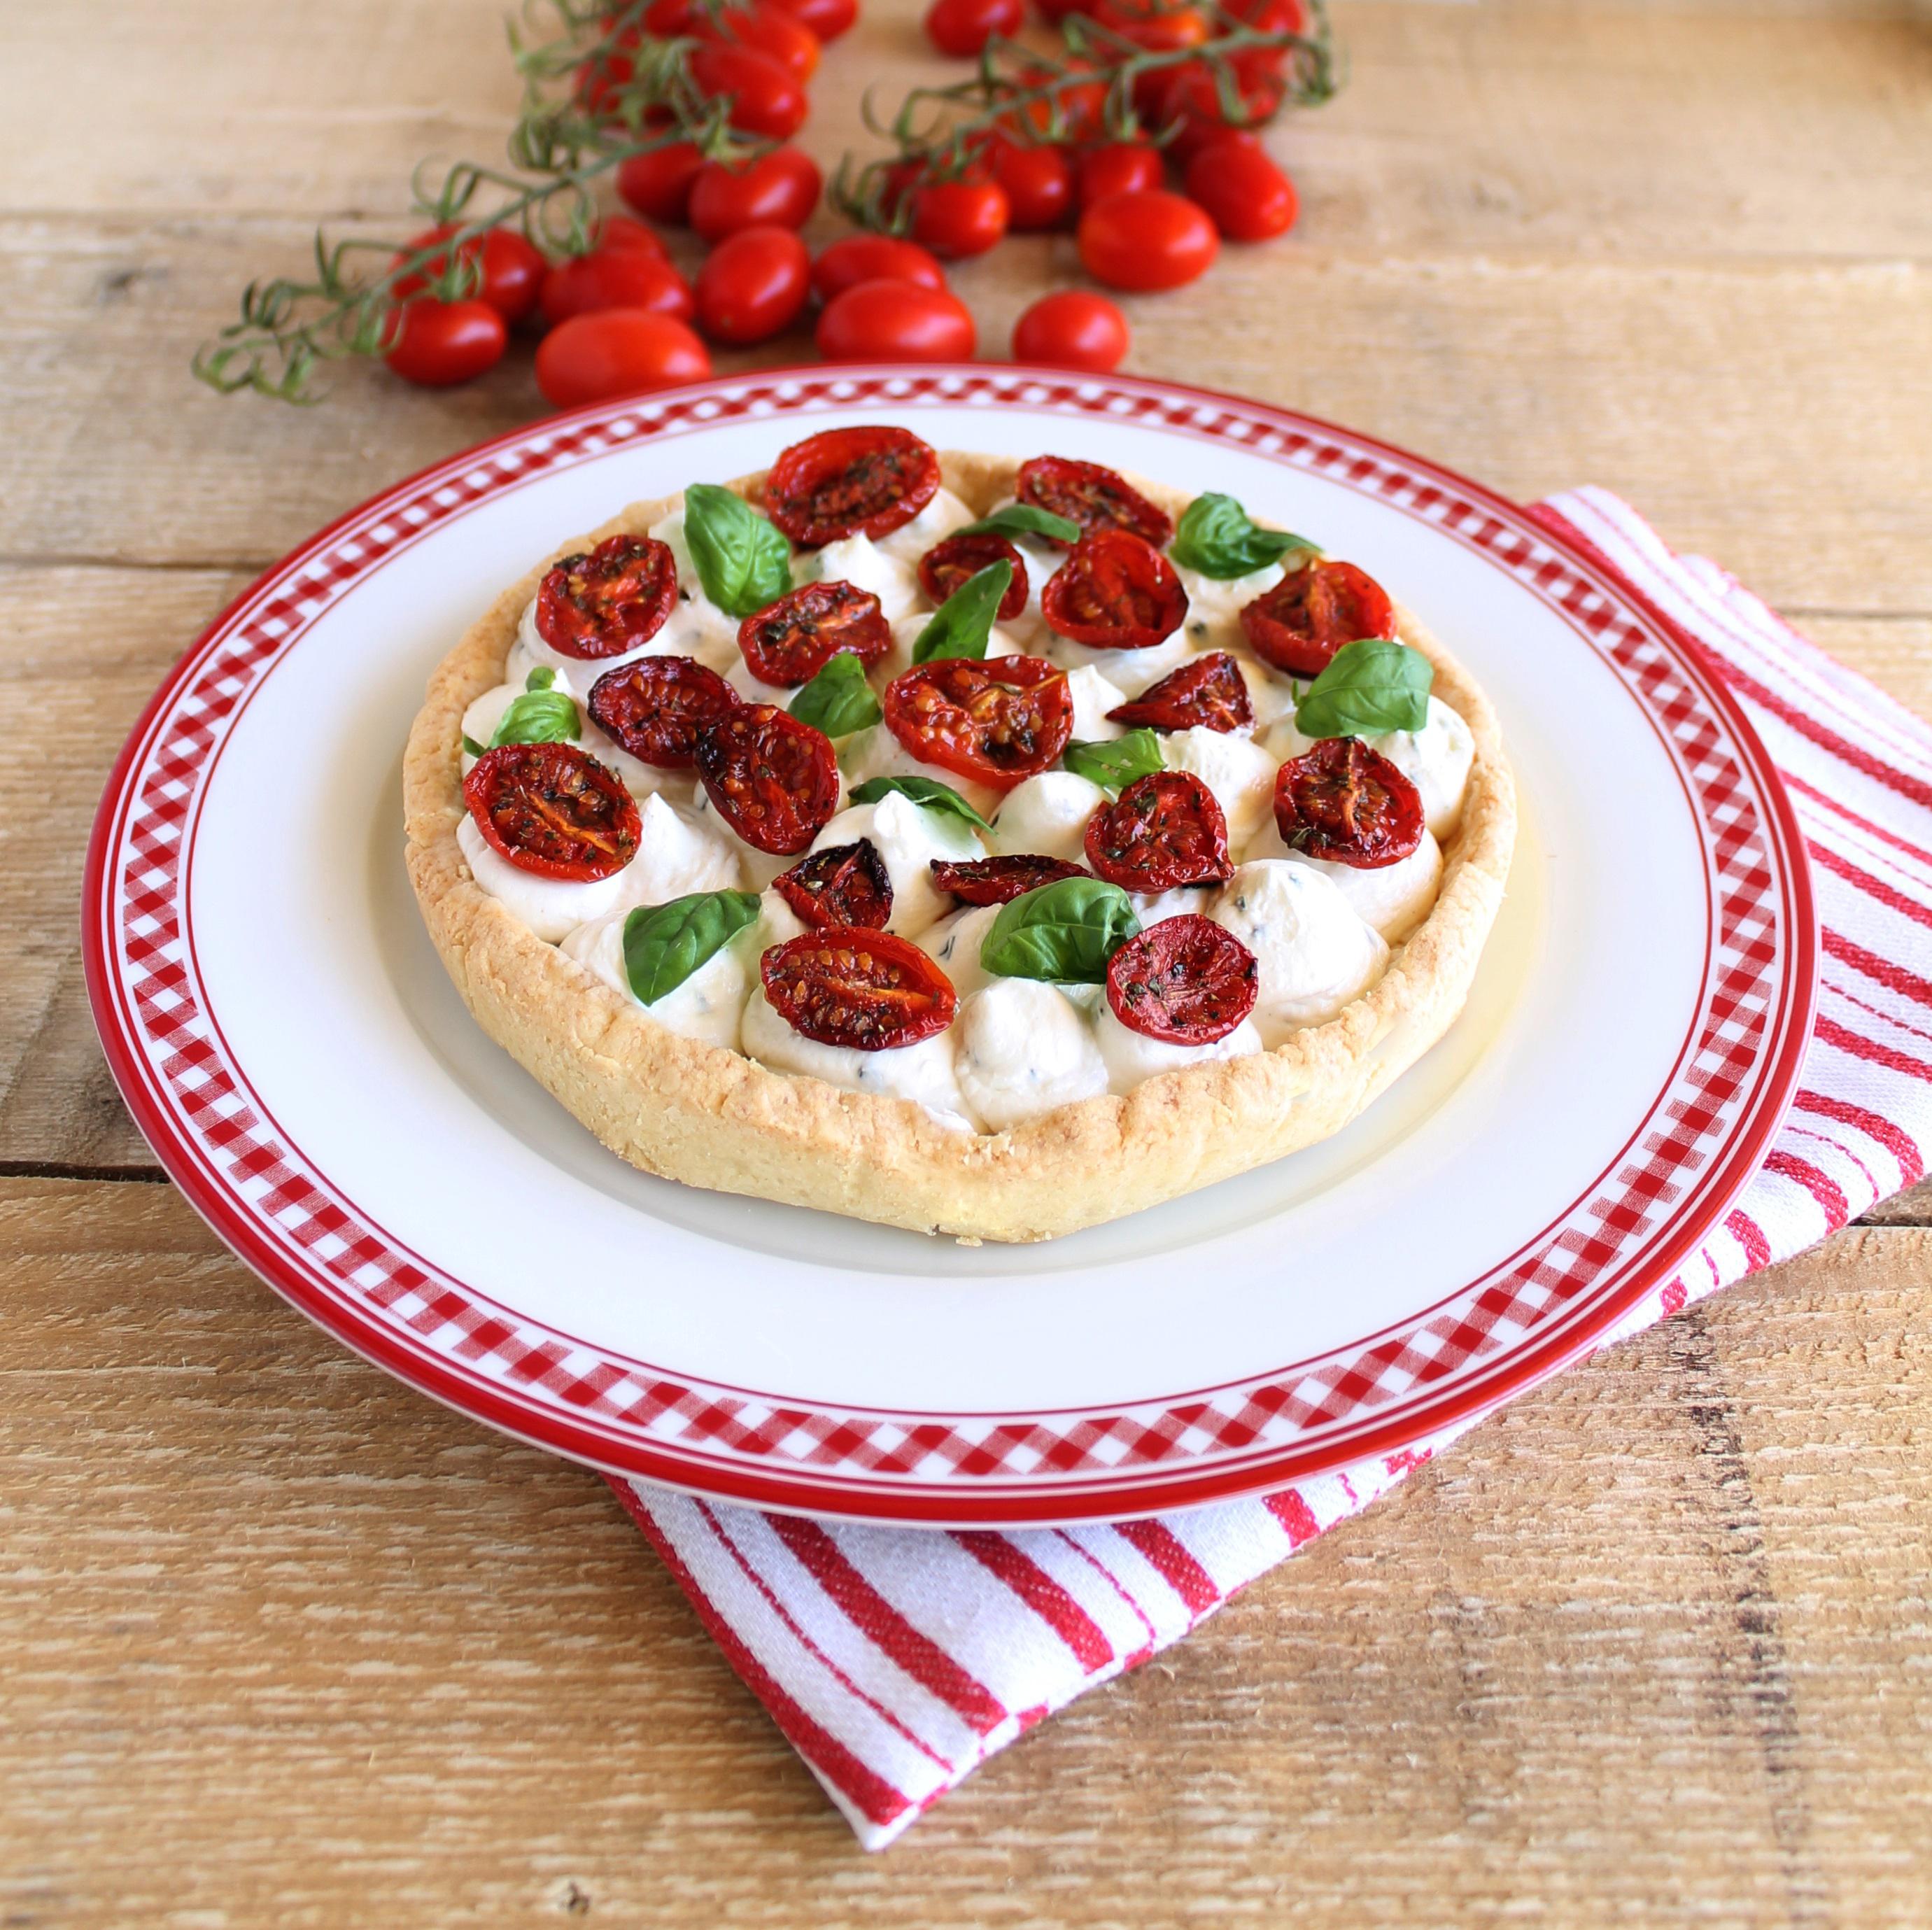 Crostata con formaggio e pomodorini senza glutine - La cassata celiaca